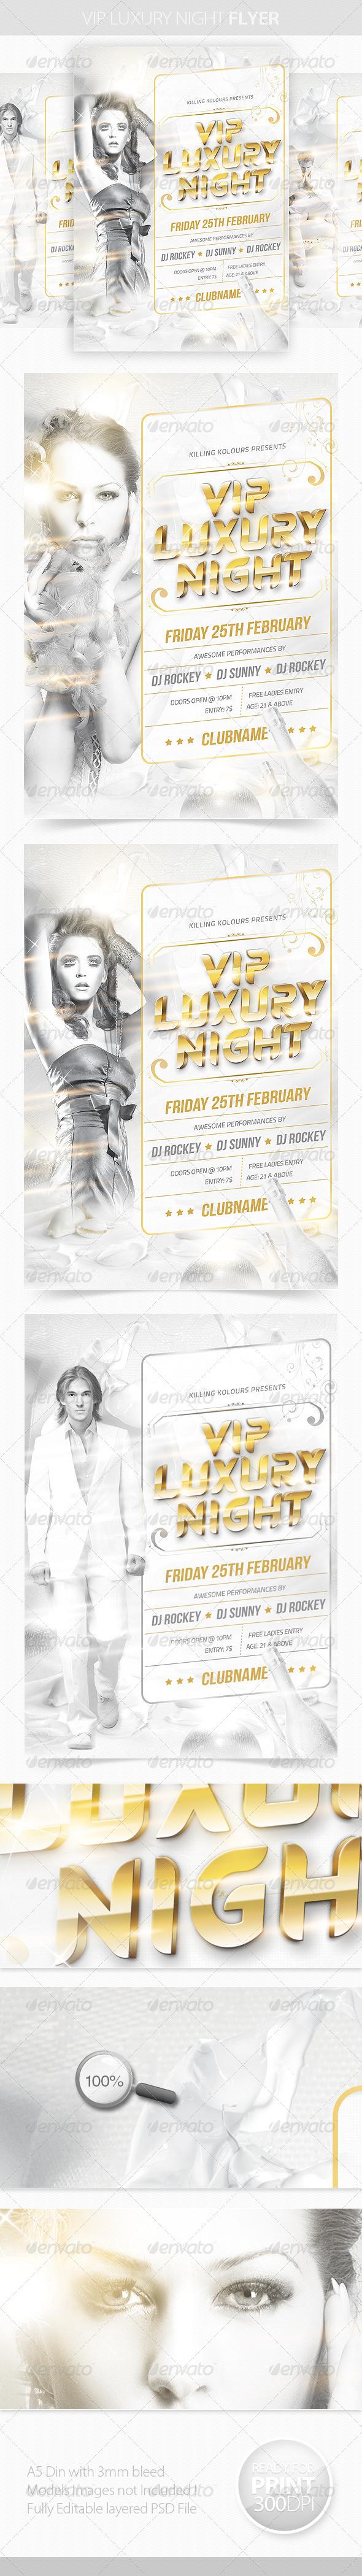 VIP Luxury Night Flyer